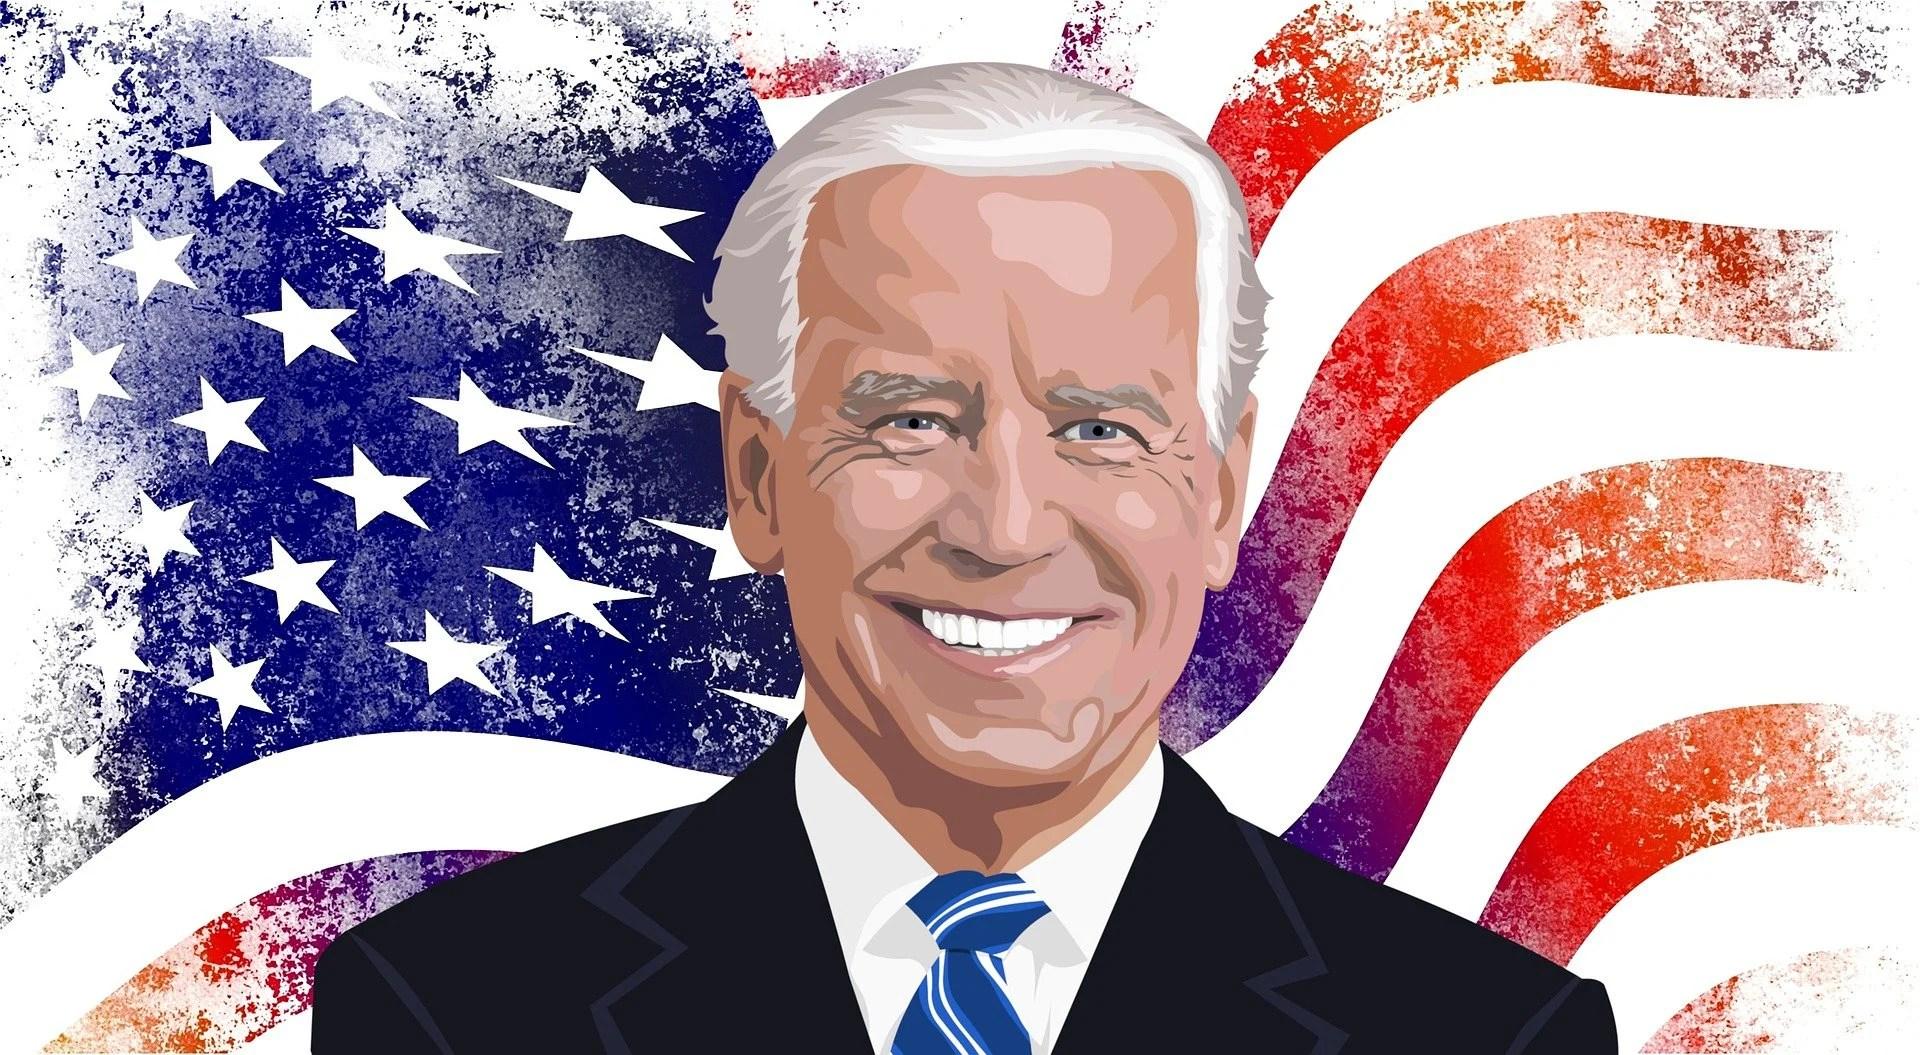 États-Unis : Joe Biden pourrait bannir des apps chinoises, mais pas comme Donald Trump